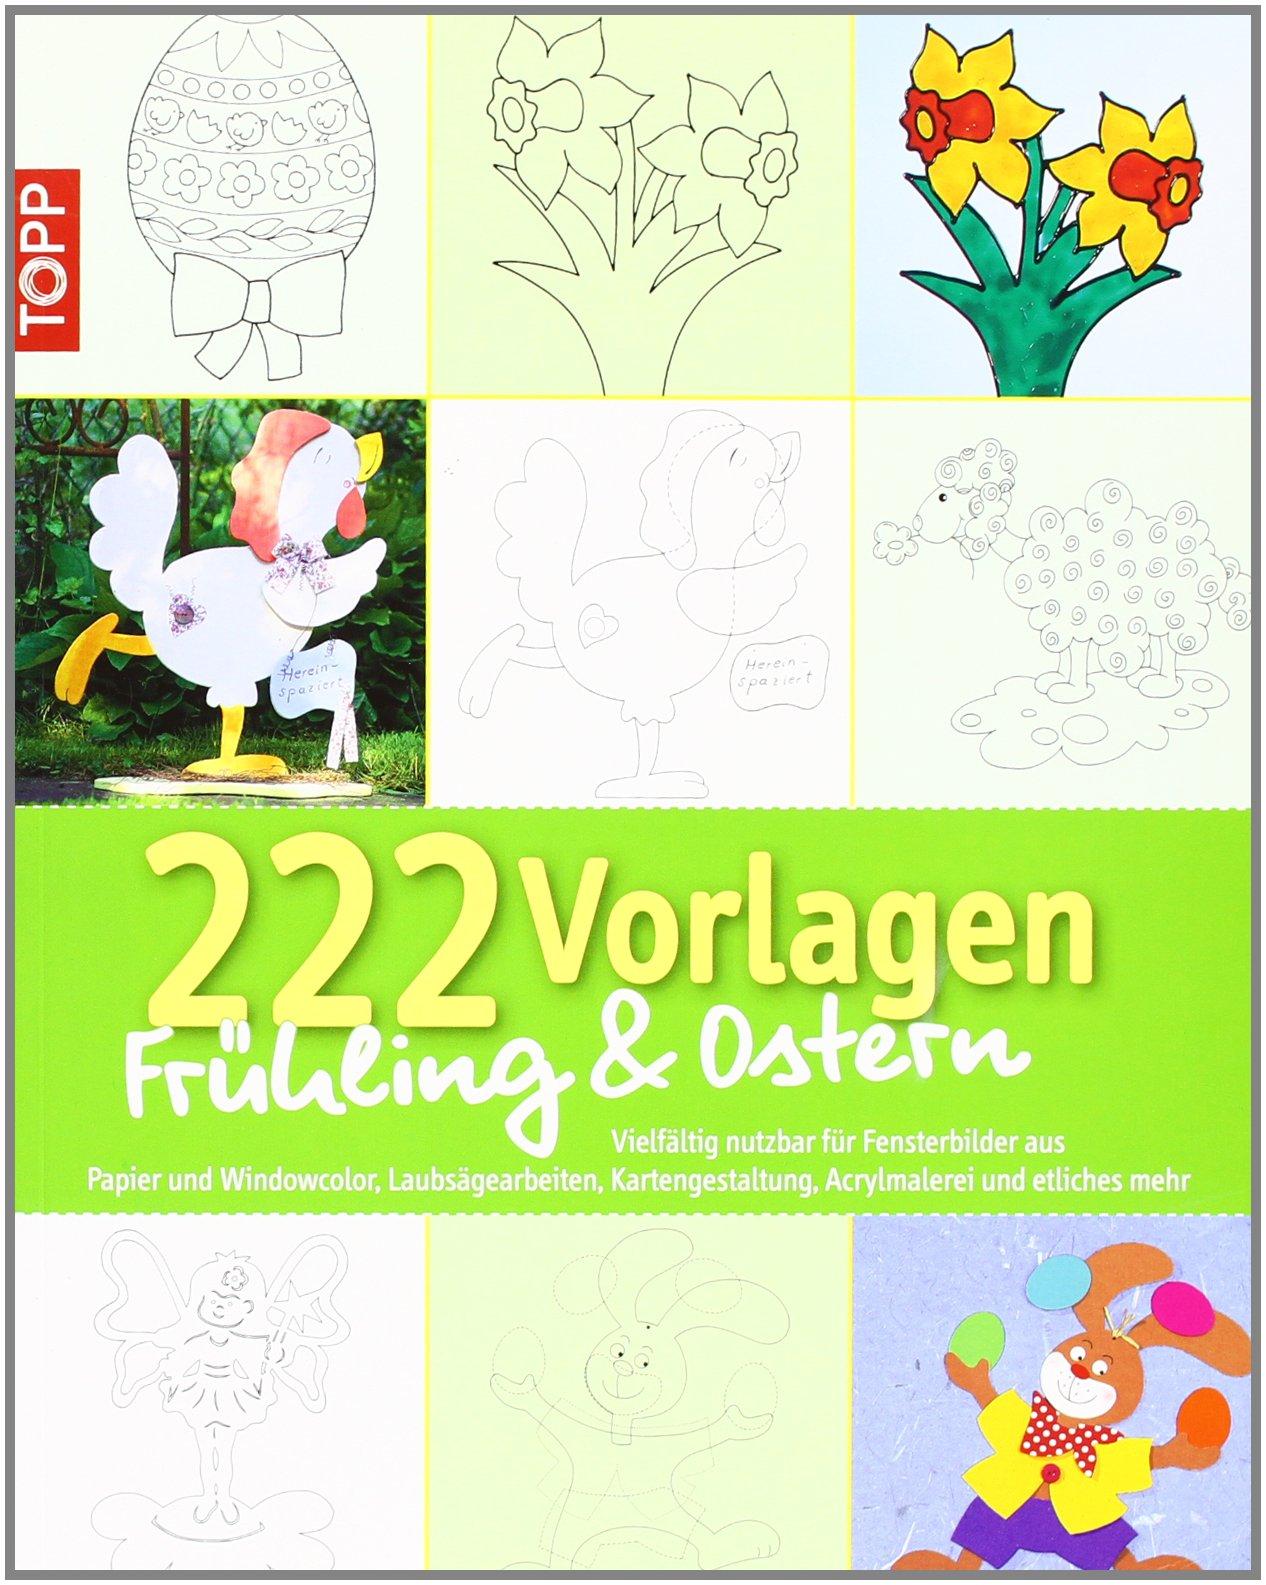 222 Vorlagen Frühlingostern Vielfältig Nutzbar Für Fensterbilder